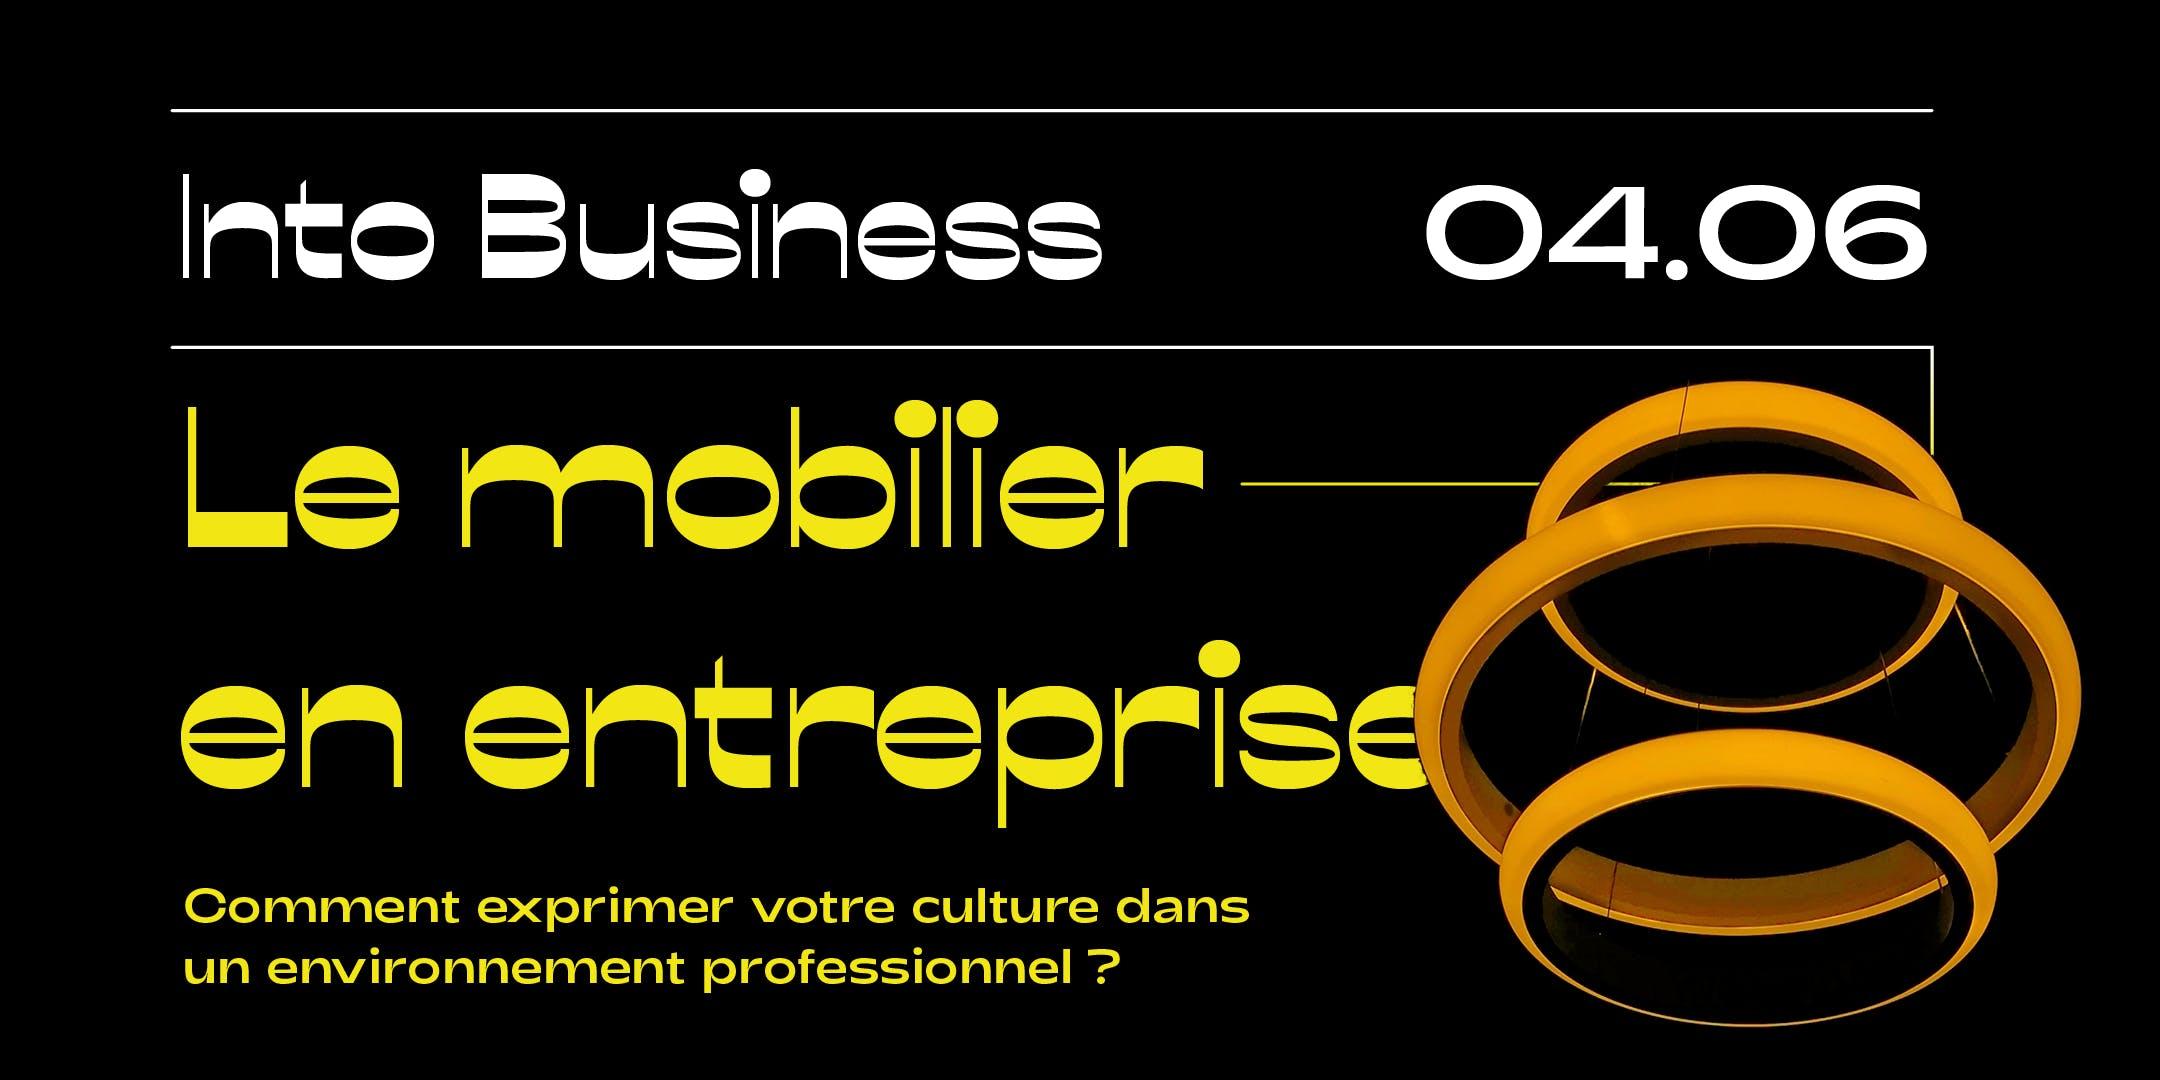 Into Business - Le mobilier en entreprise